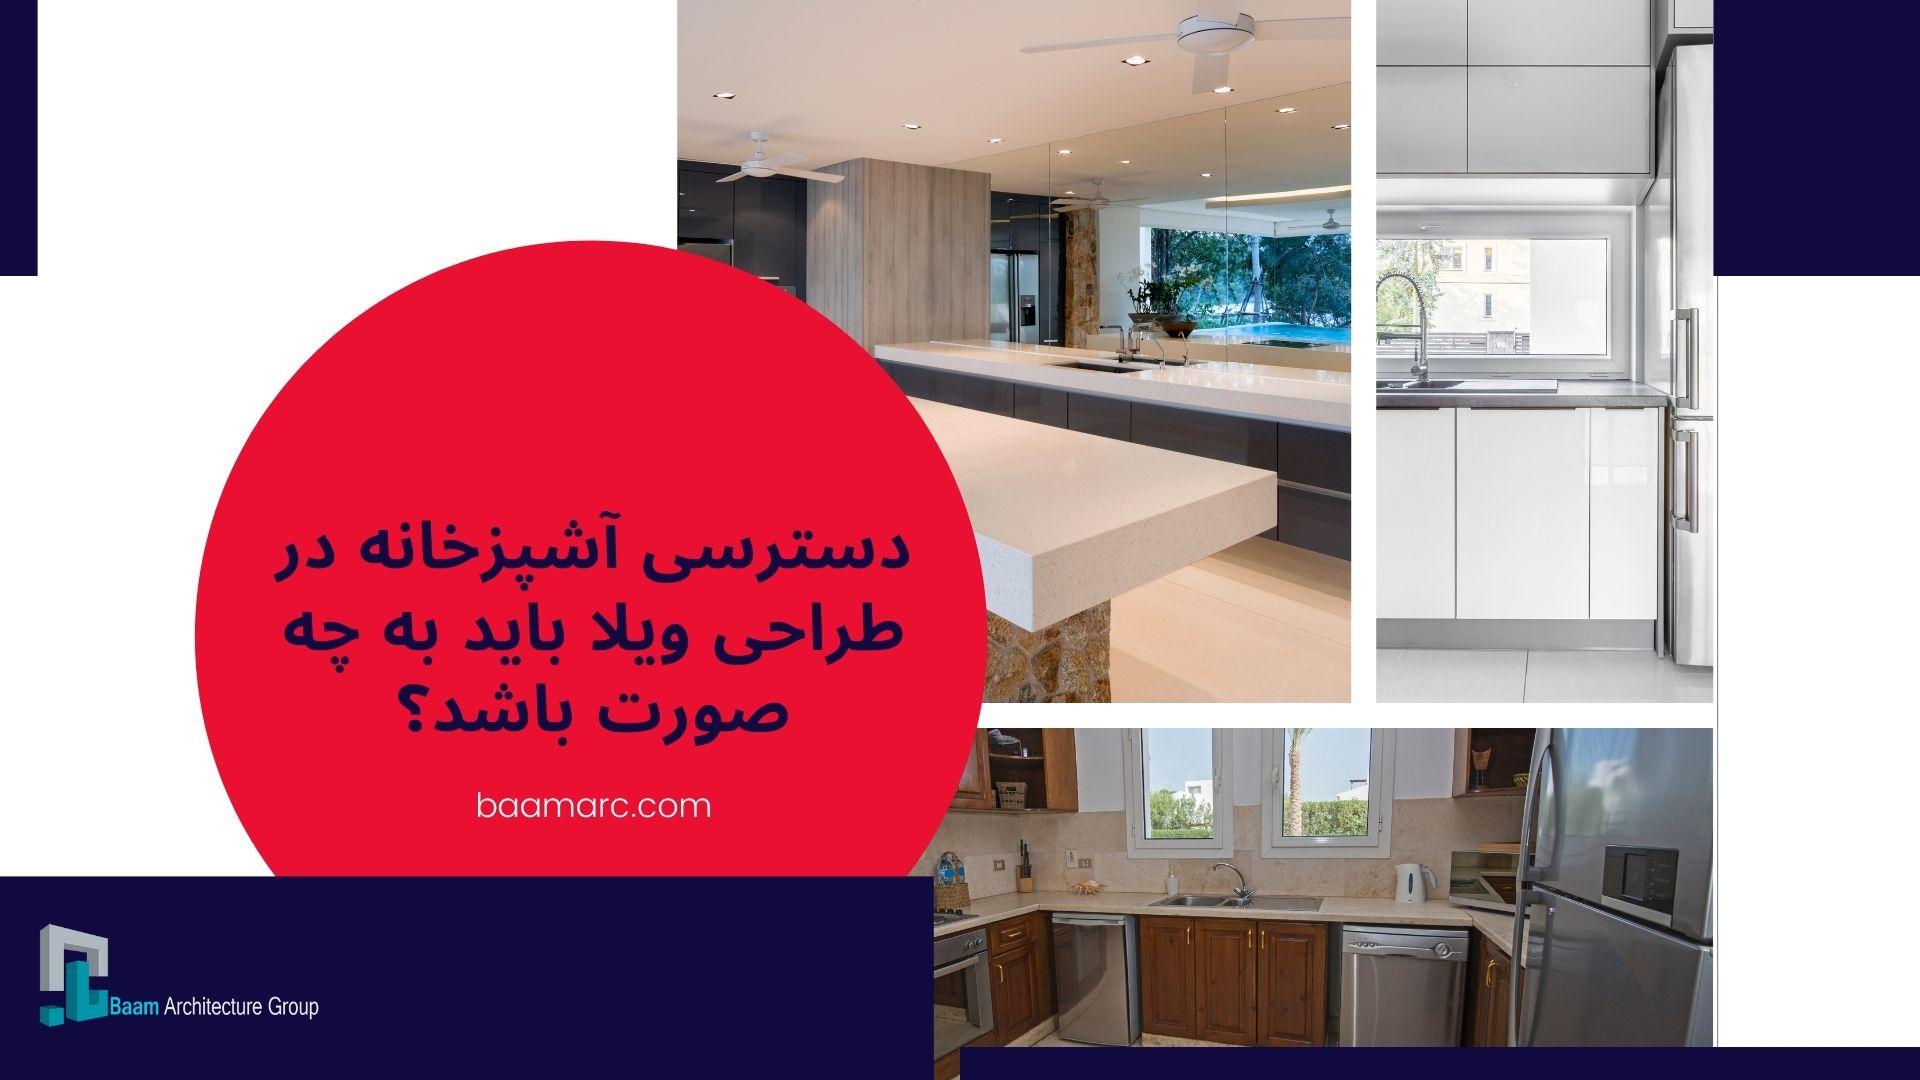 دسترسی آشپزخانه در طراحی ویلا باید به چه صورت باشد؟